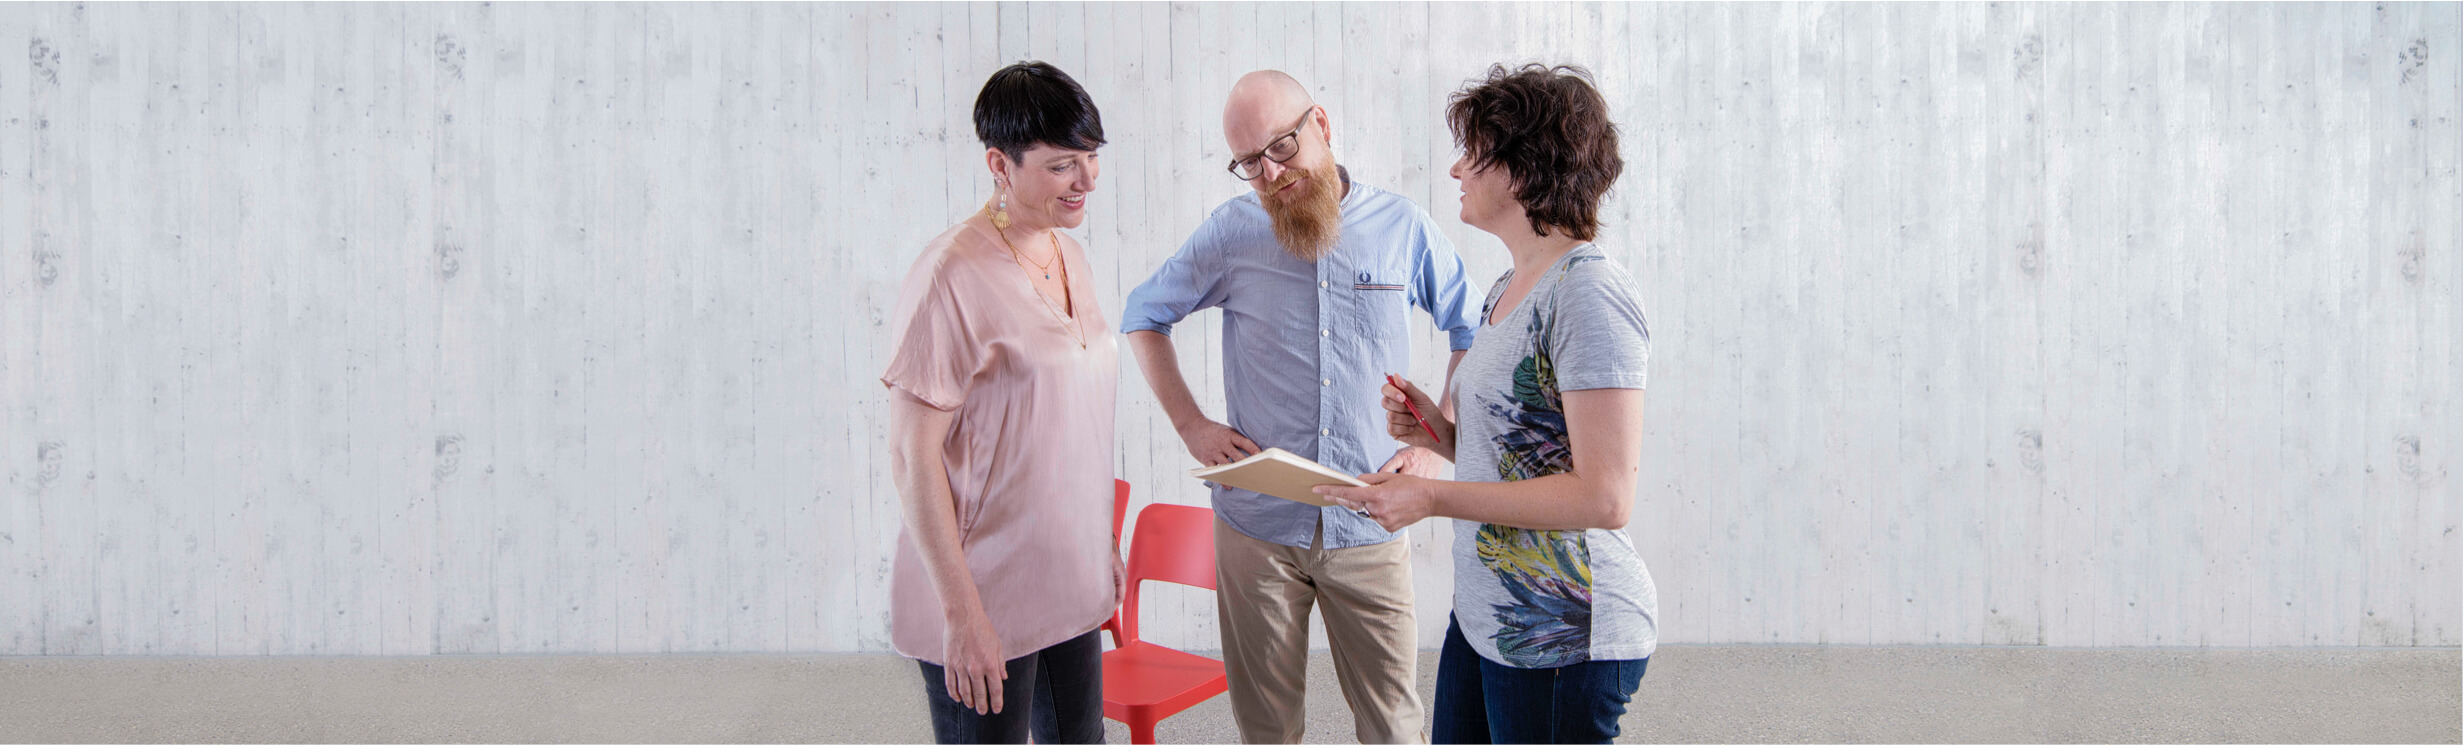 3 Personen stehen zusammen und unterhalten sich